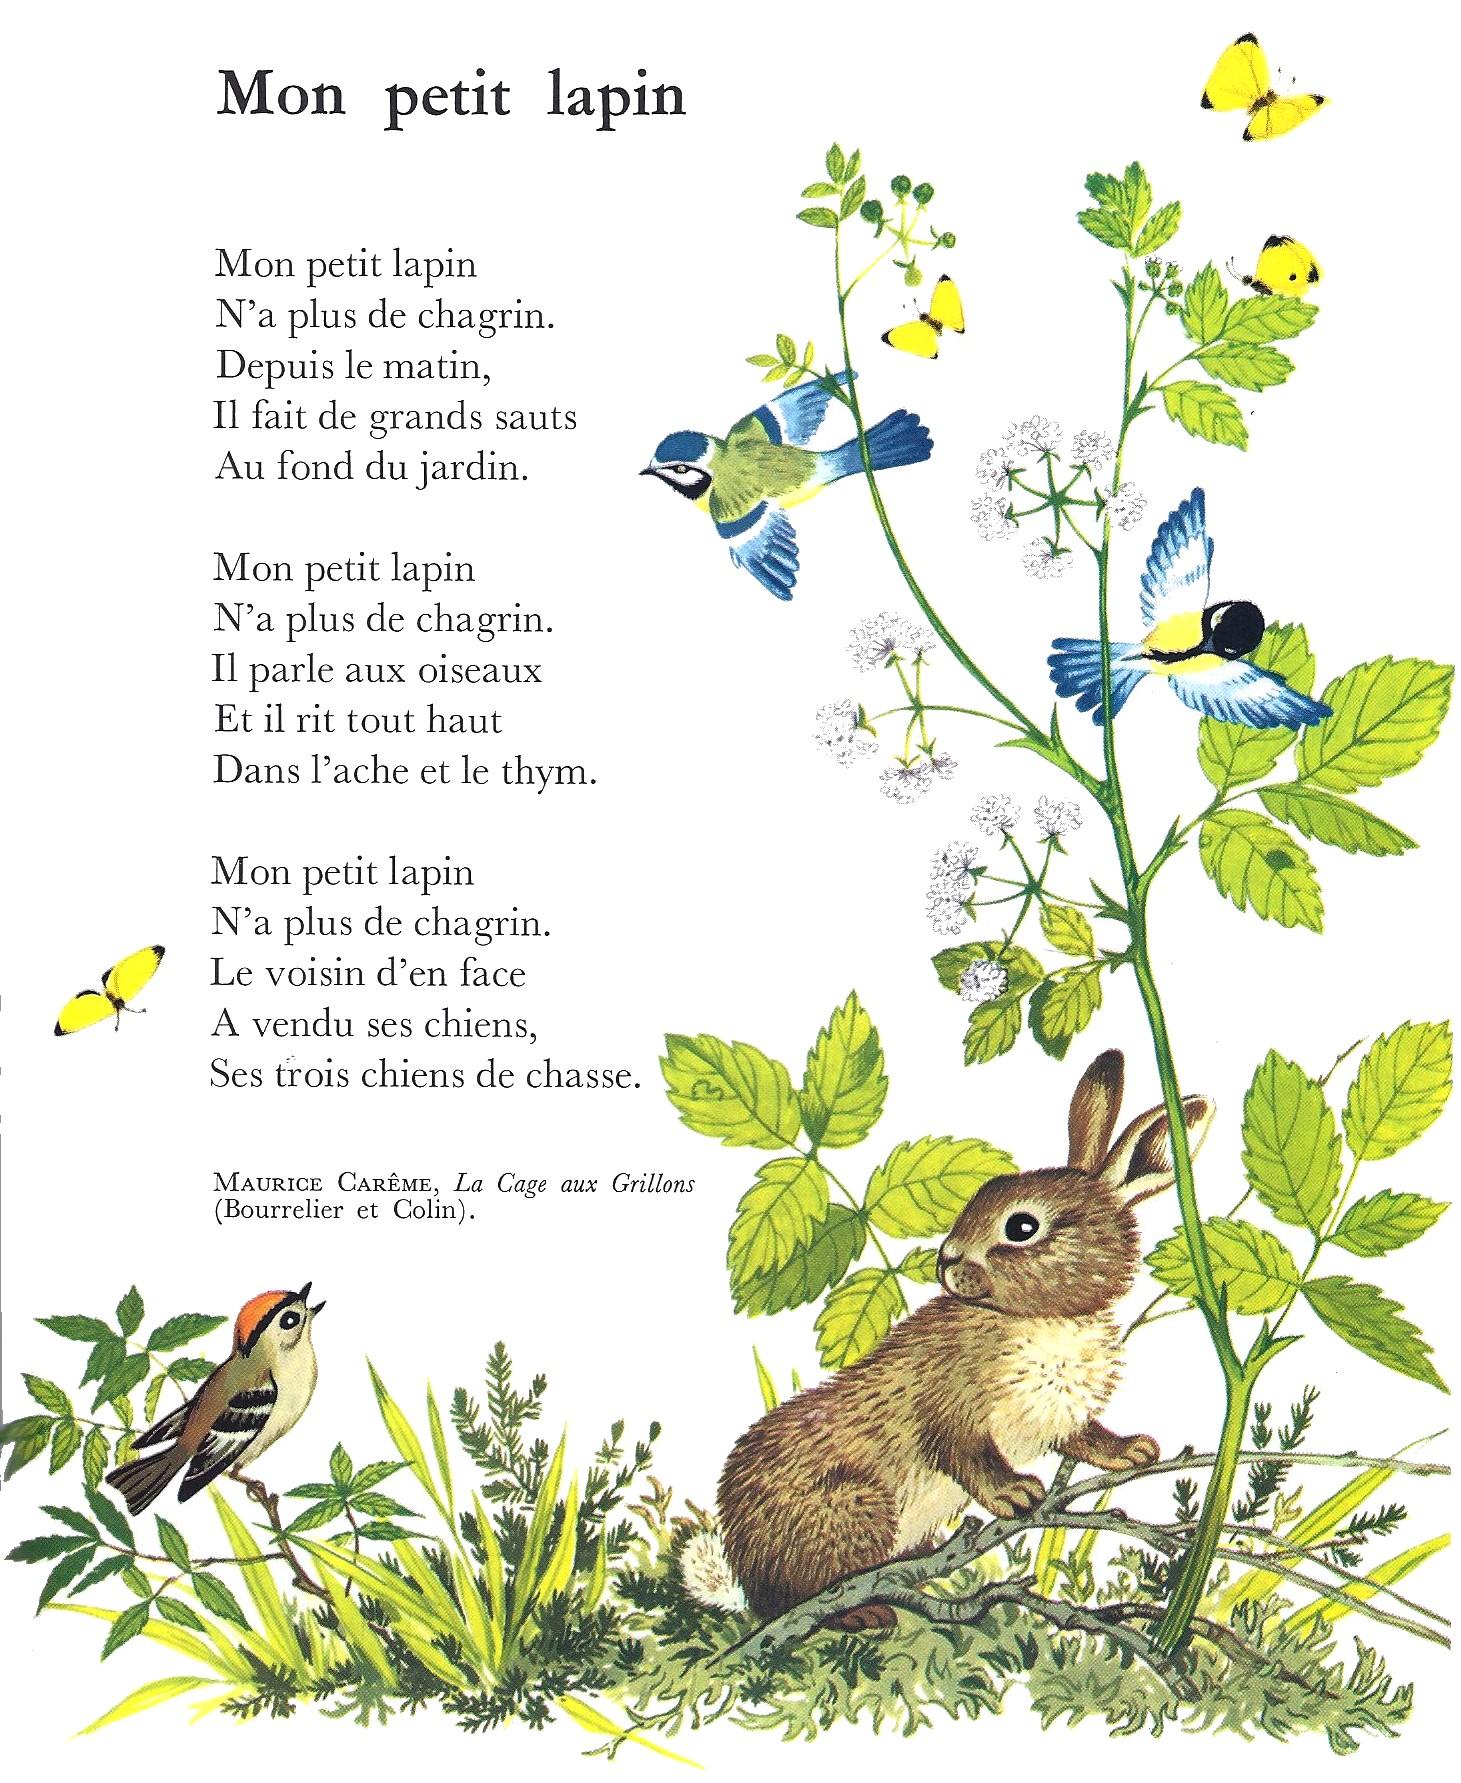 Alain de Botton - Ce Se Intampla in Iubire